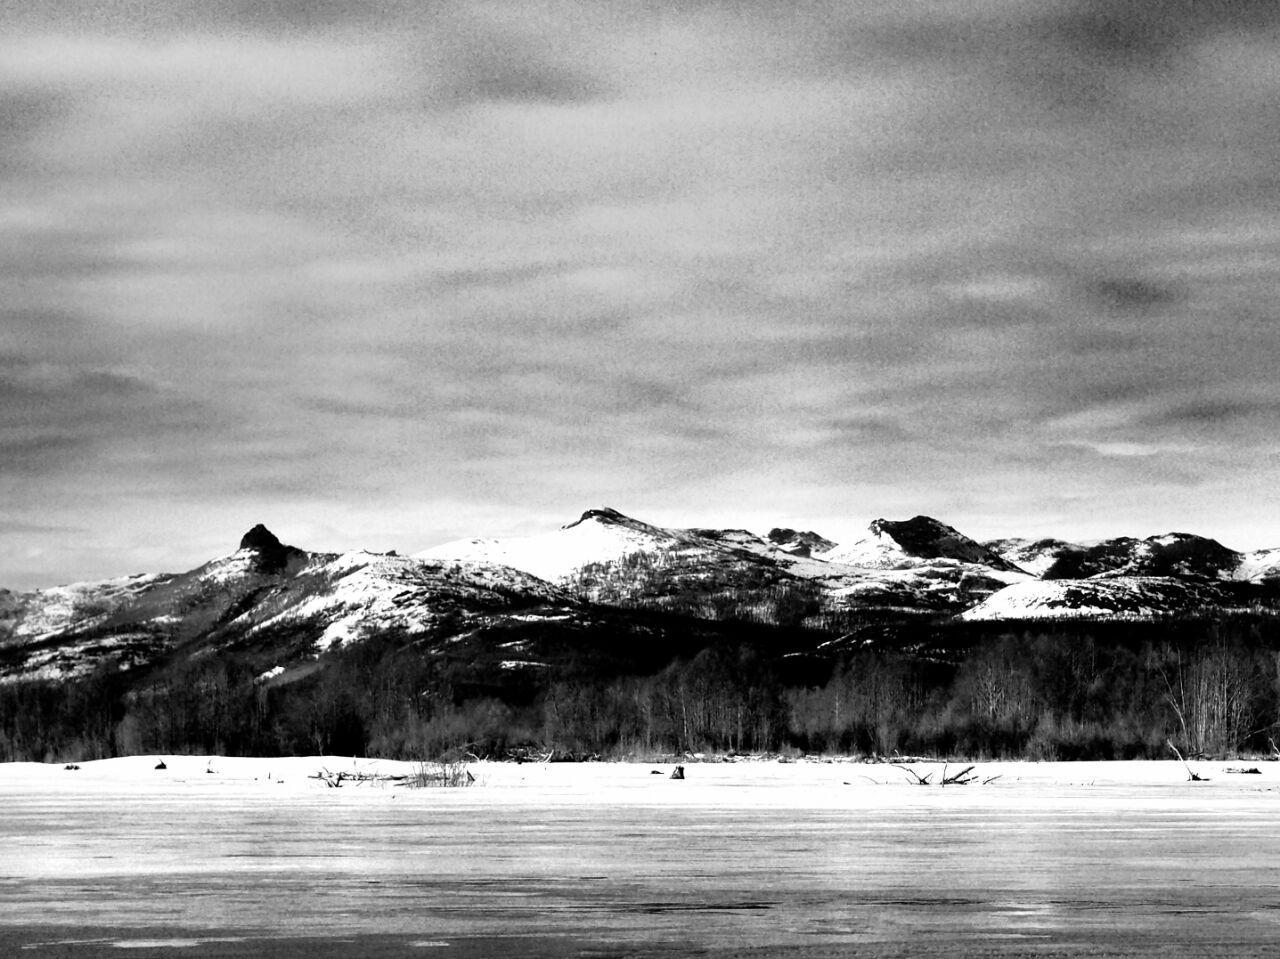 Река Нелкандя Фото: Александр Лопухов, Стекольный, t.me/photo4ip